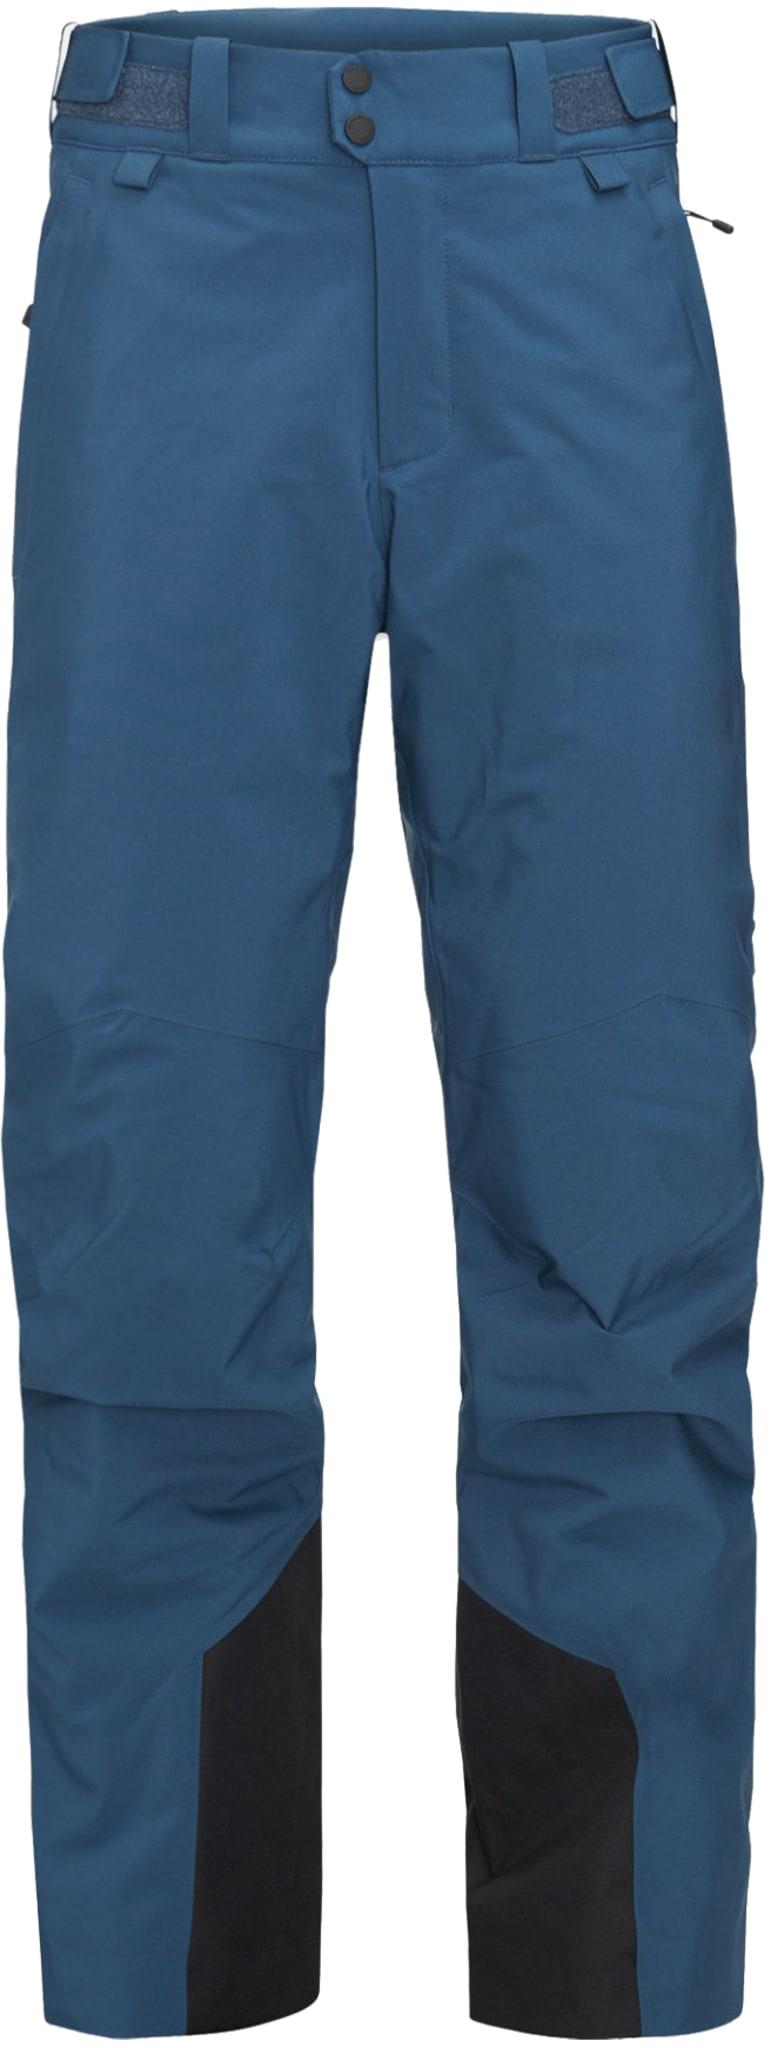 Med denne buksen er du klar for nye eventyr i alpinbakken